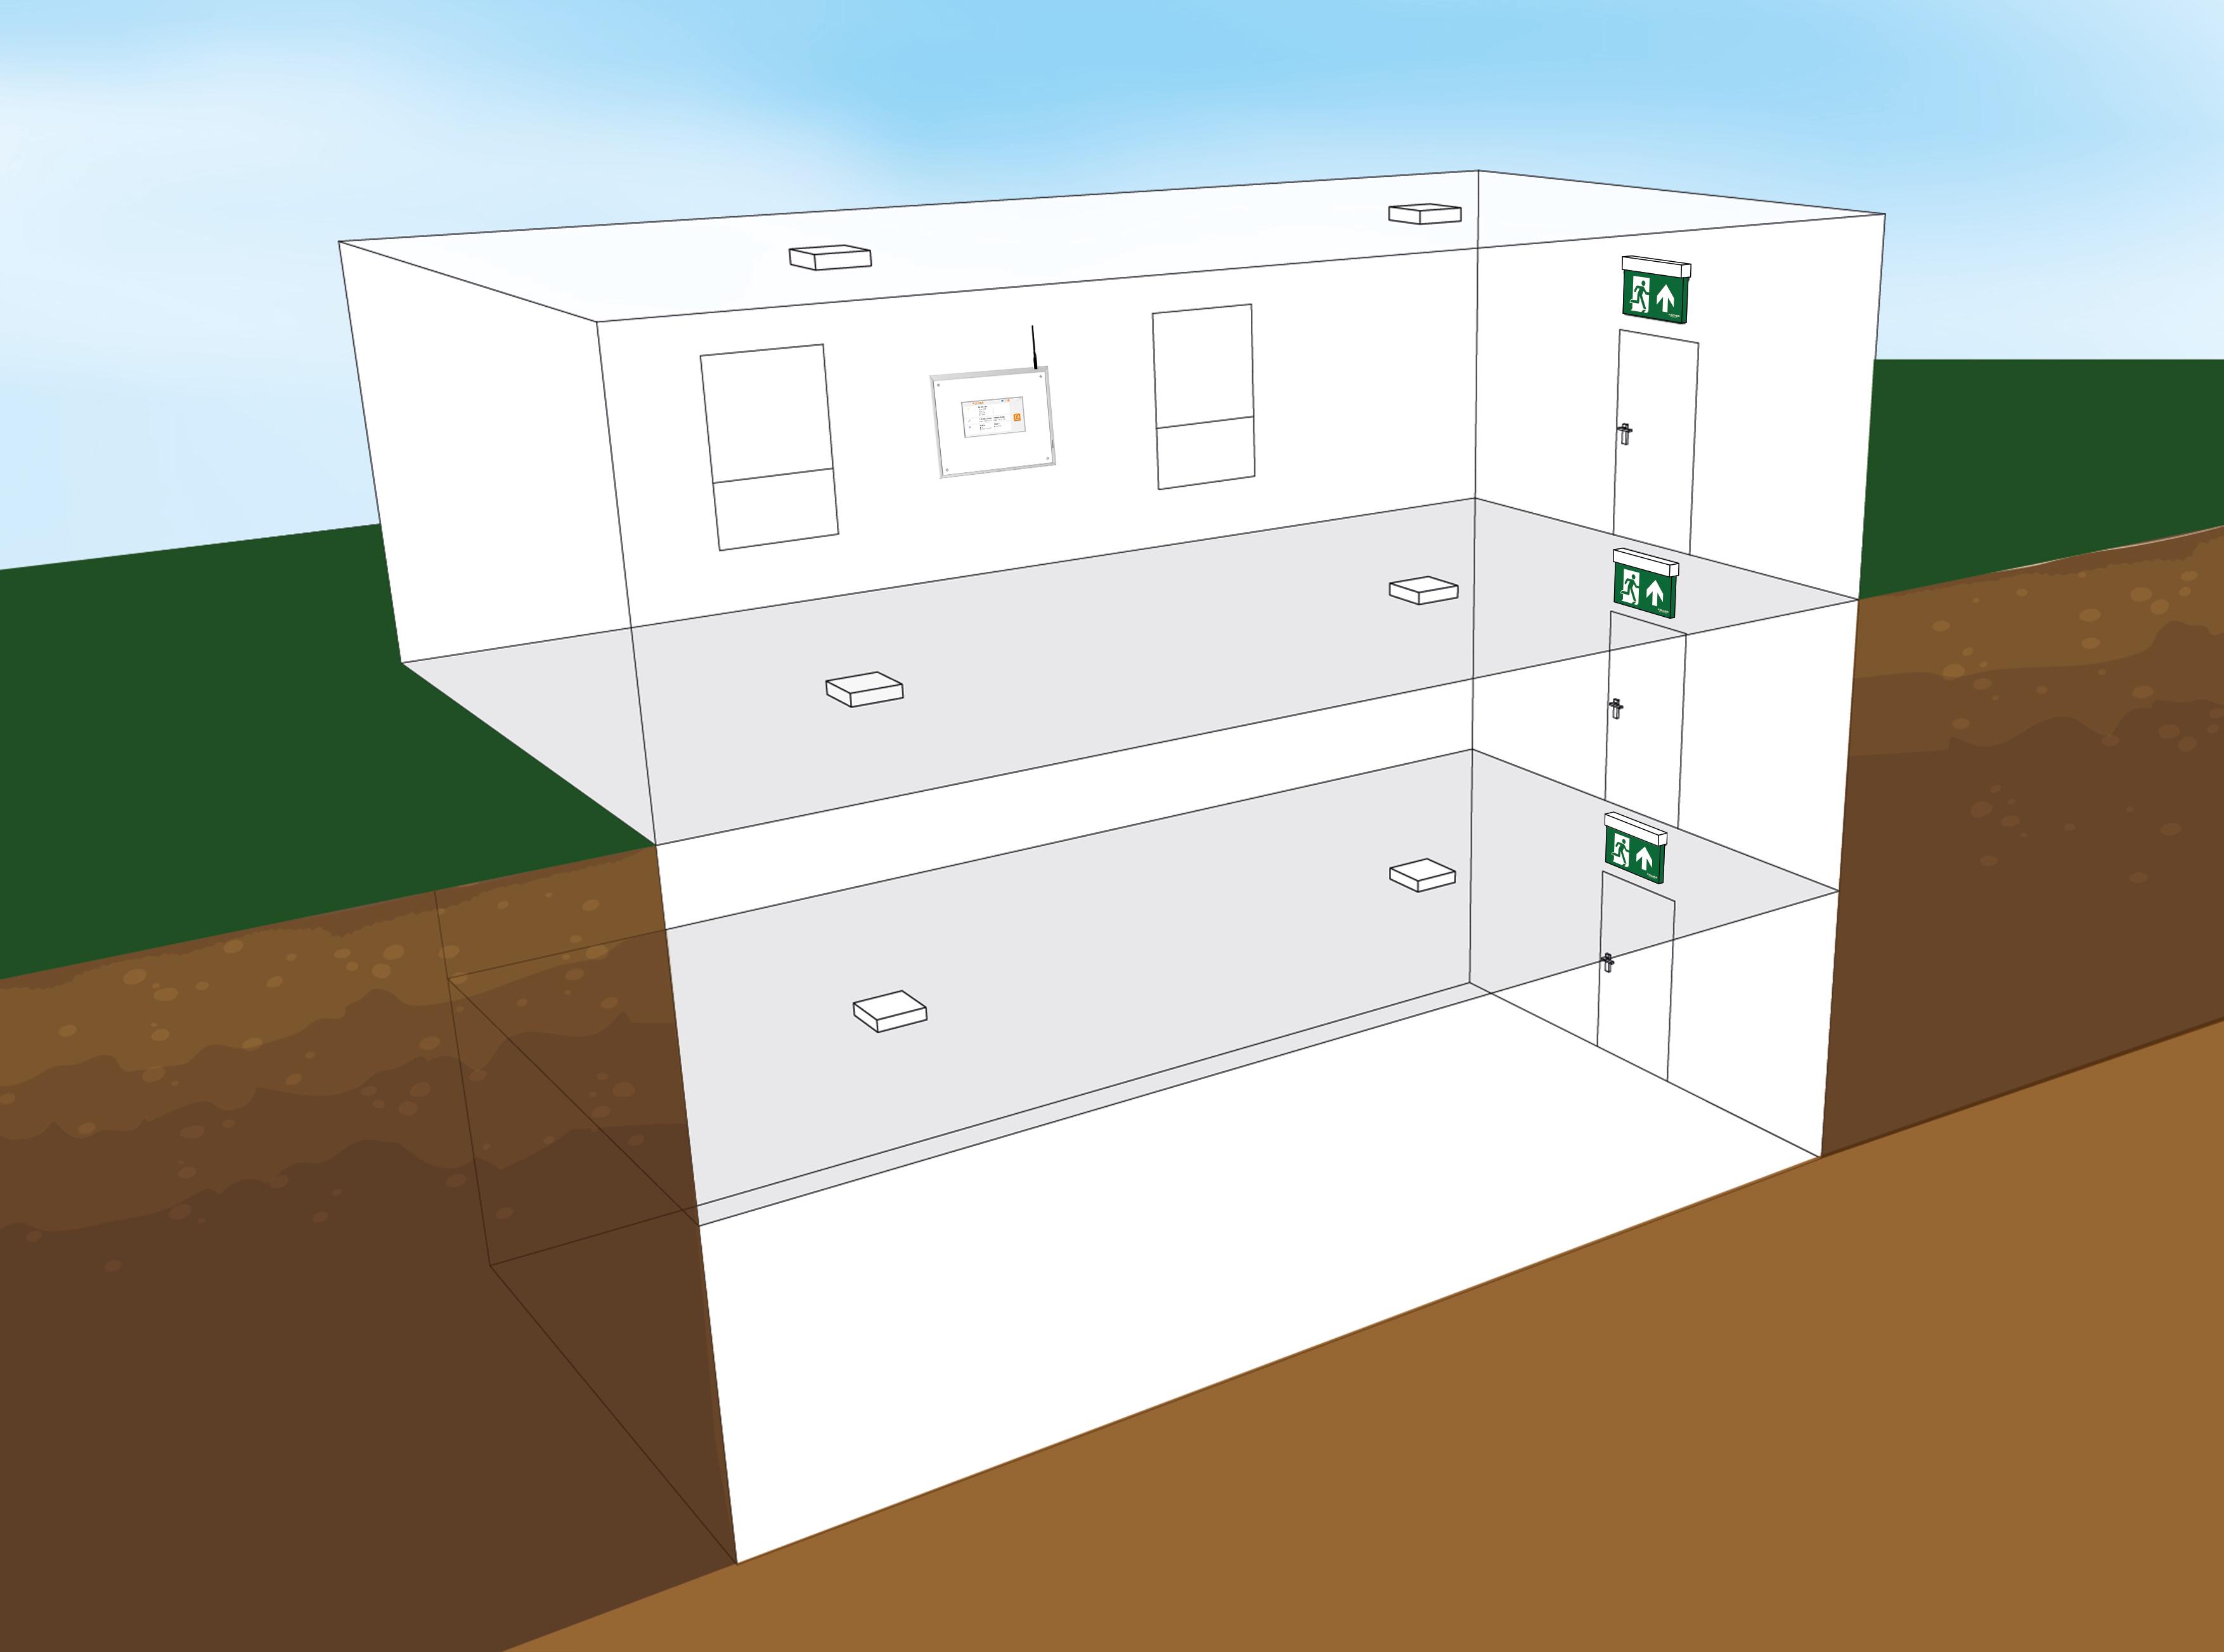 Gebäude im Normalbetrieb - Rettungszeichen bei 500 cd/m²